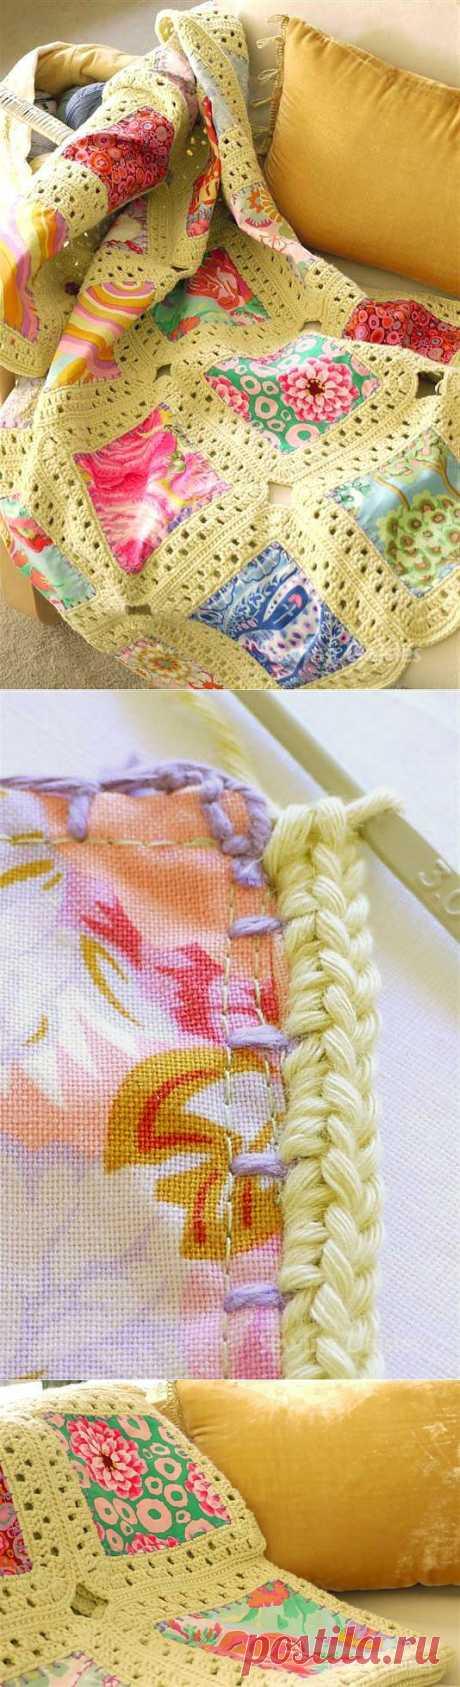 Идея: одеяло из квадратов ткани + крючок.